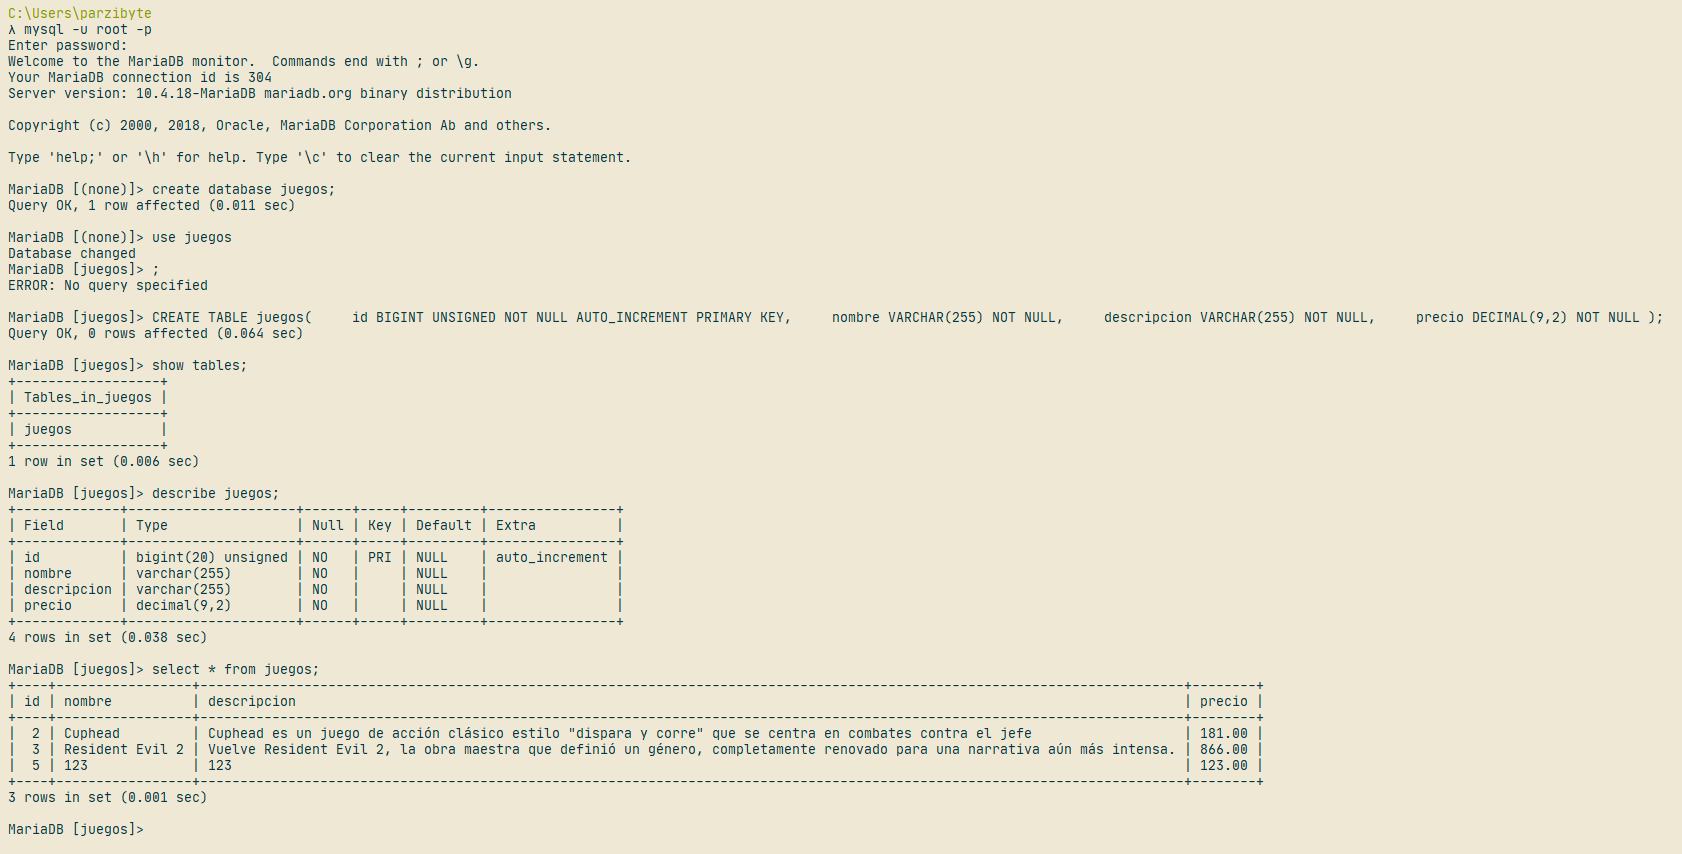 Preparando base de datos MySQL para conectar con Flask